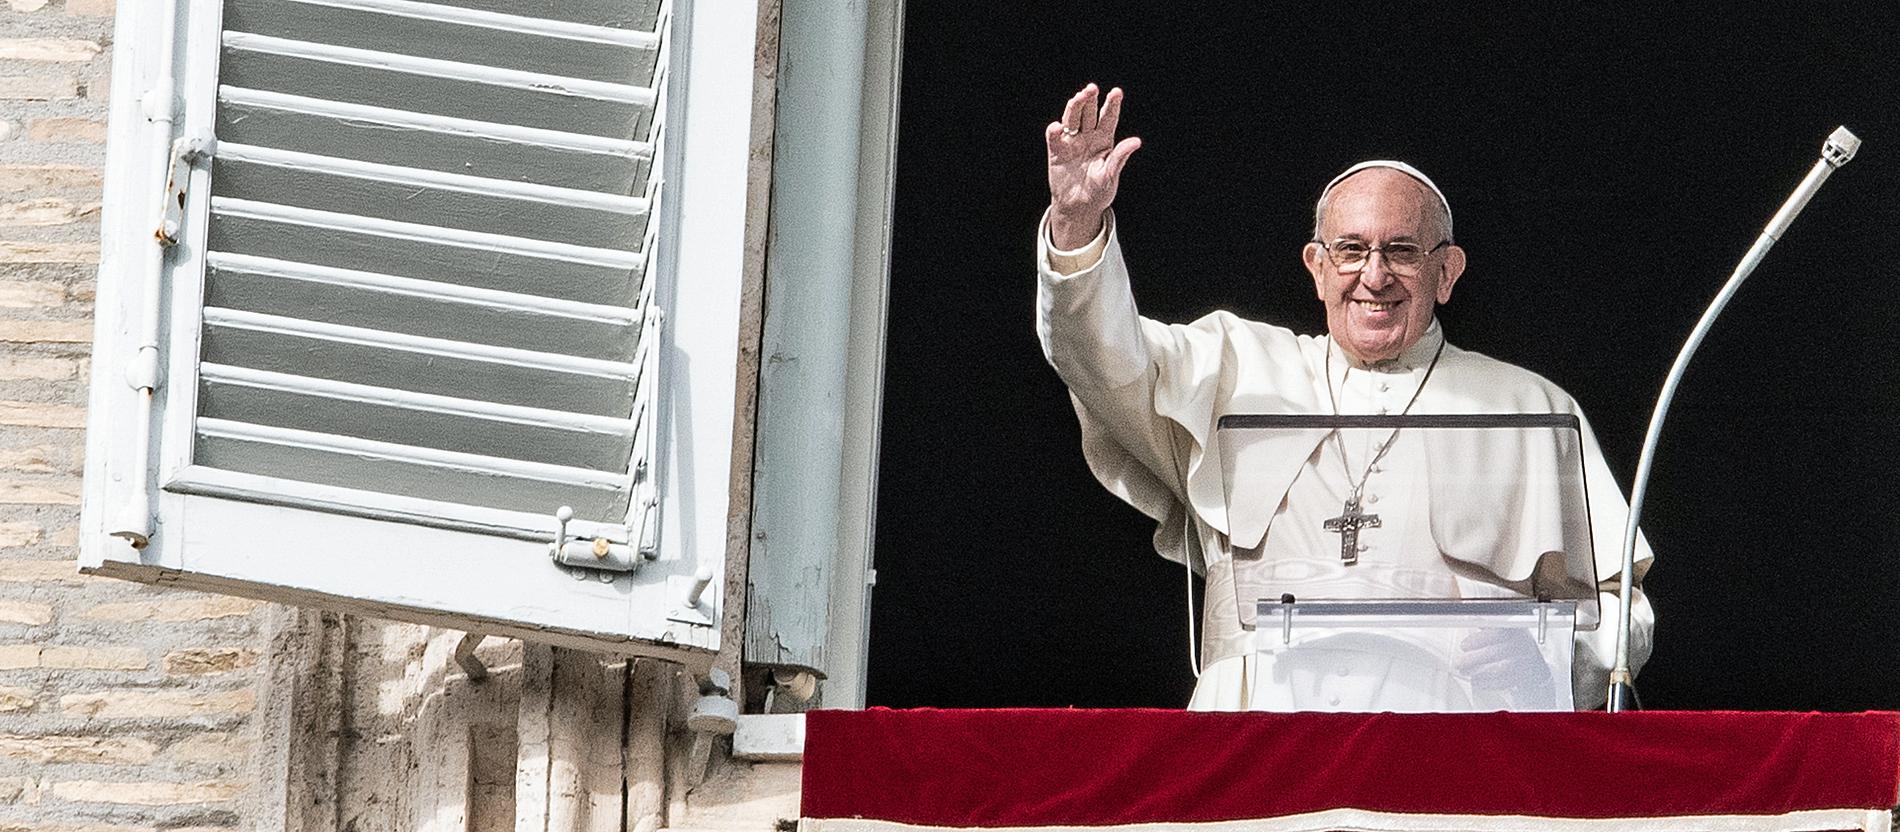 Franziskus Und Die Freie Rede Der Abweichende Papst